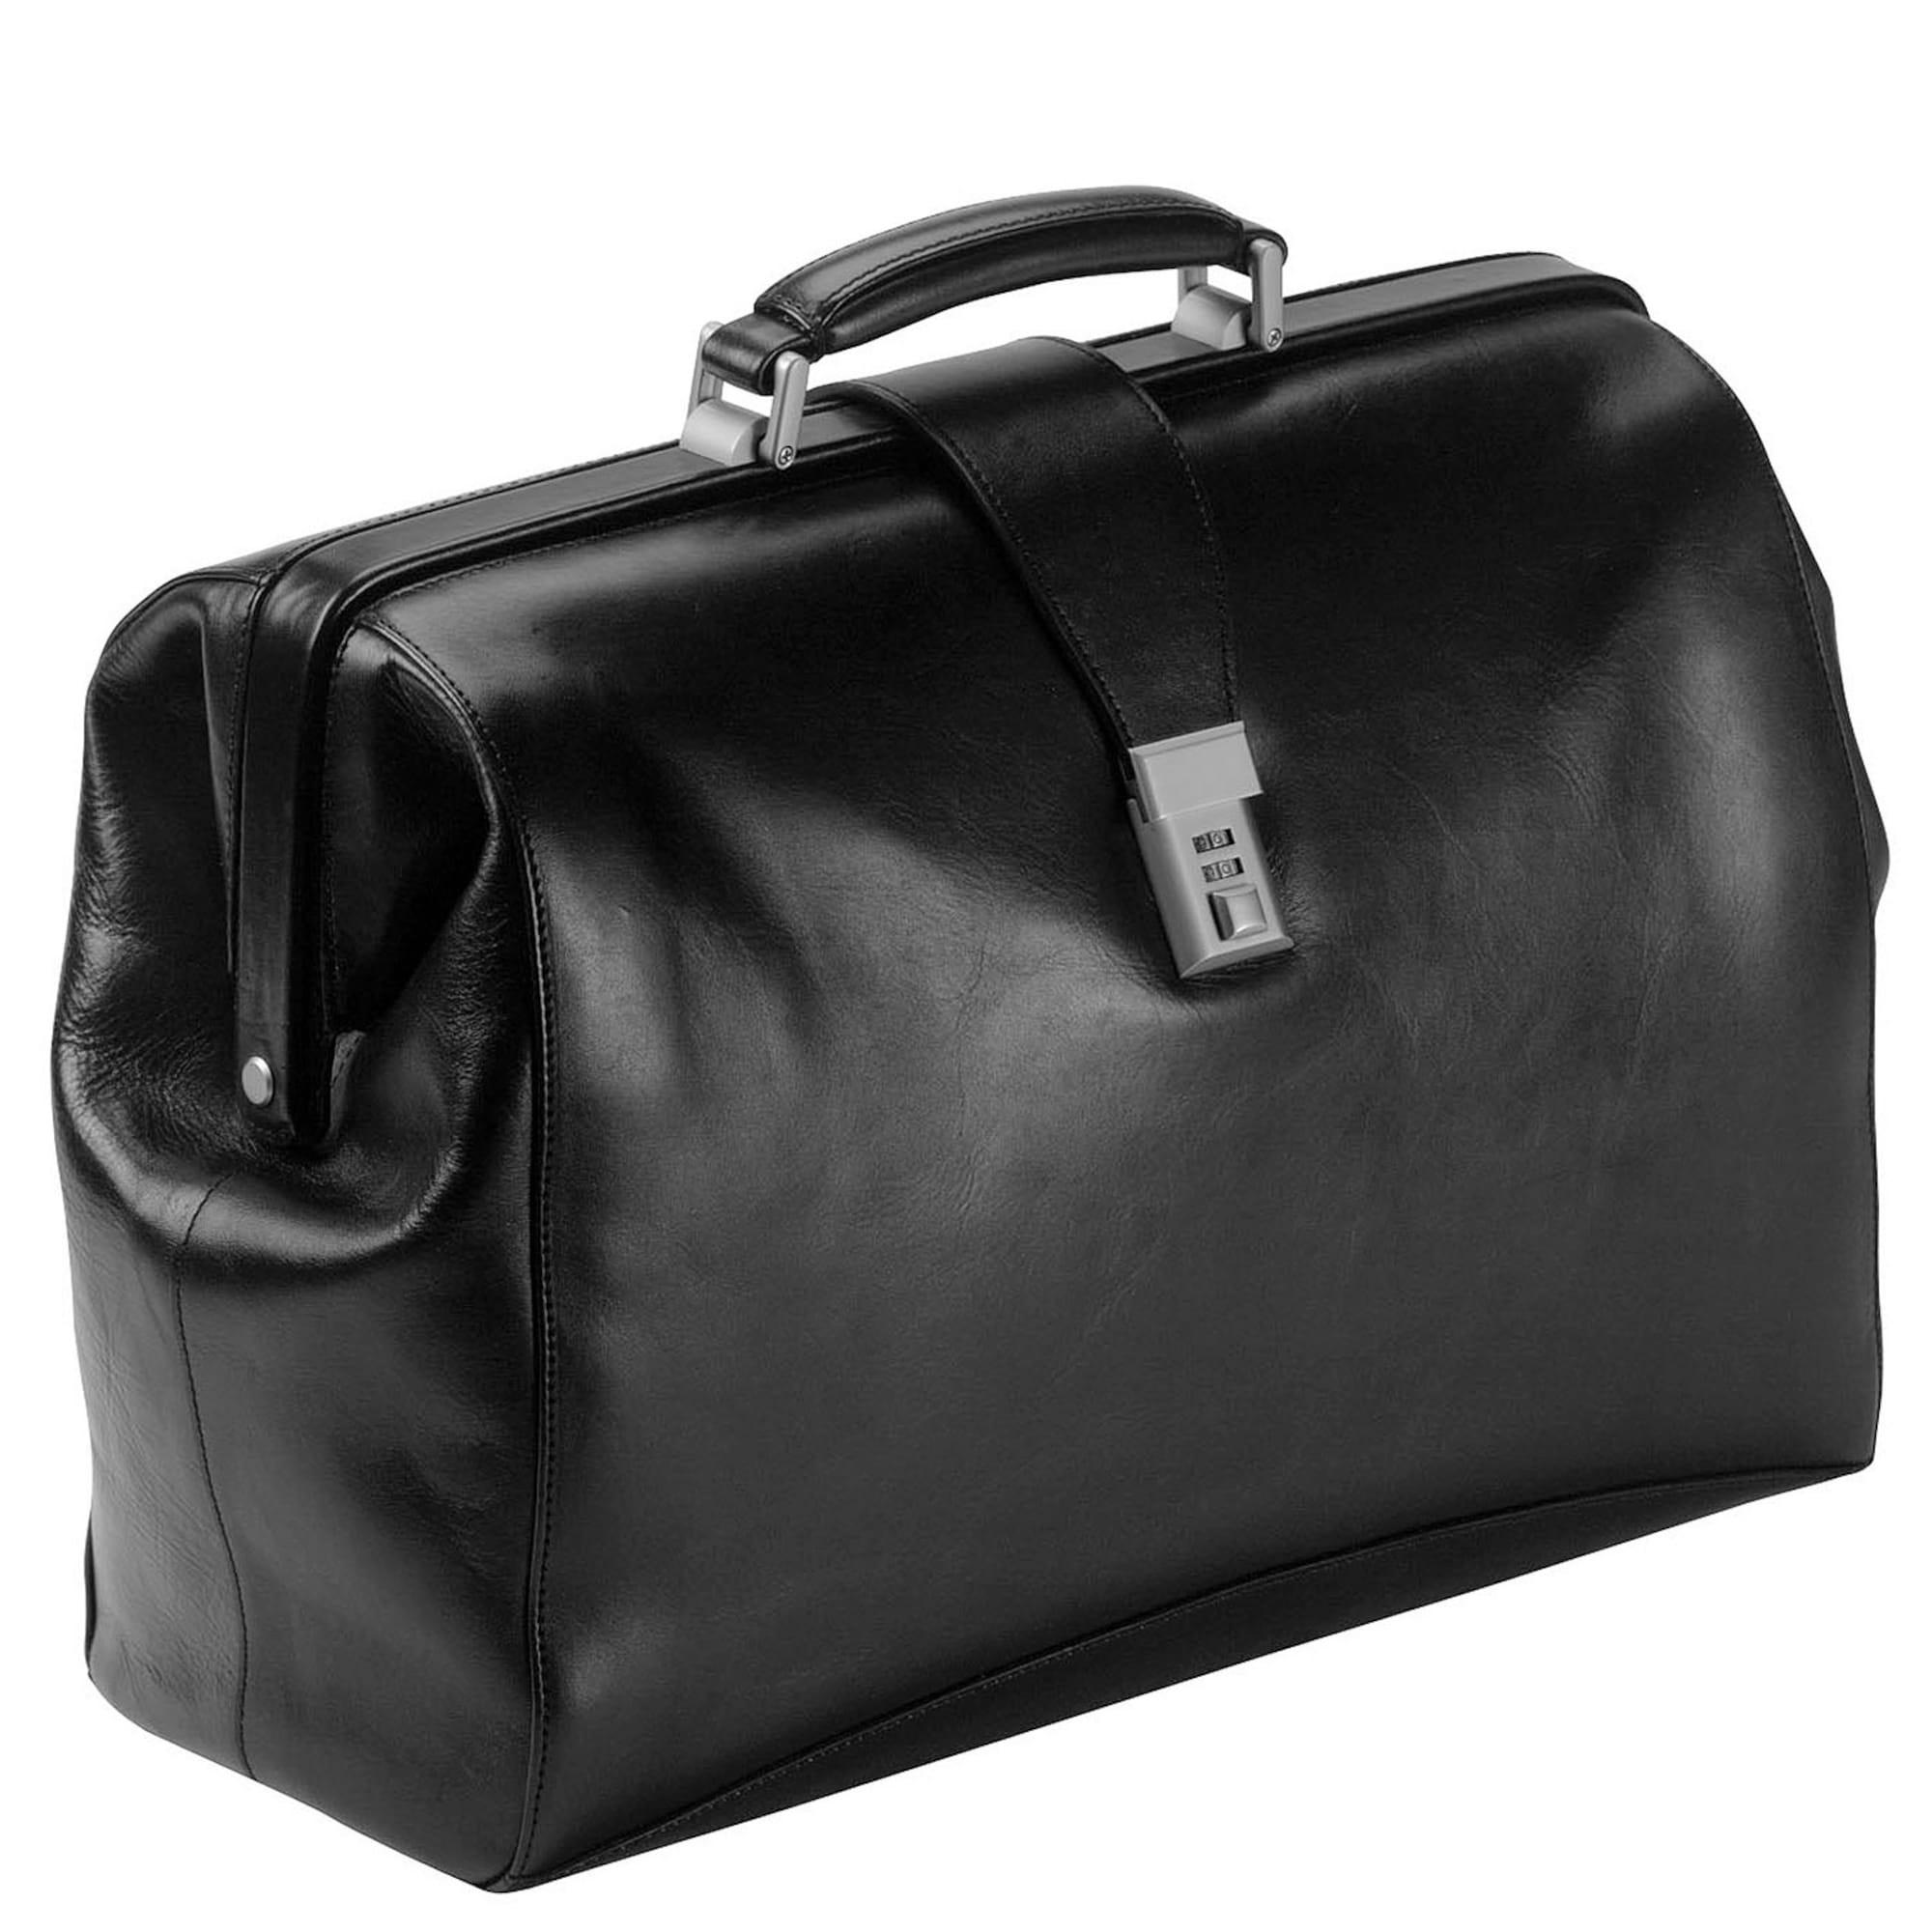 Arzttasche | Taschen > Business Taschen > Arzttaschen | Dermata